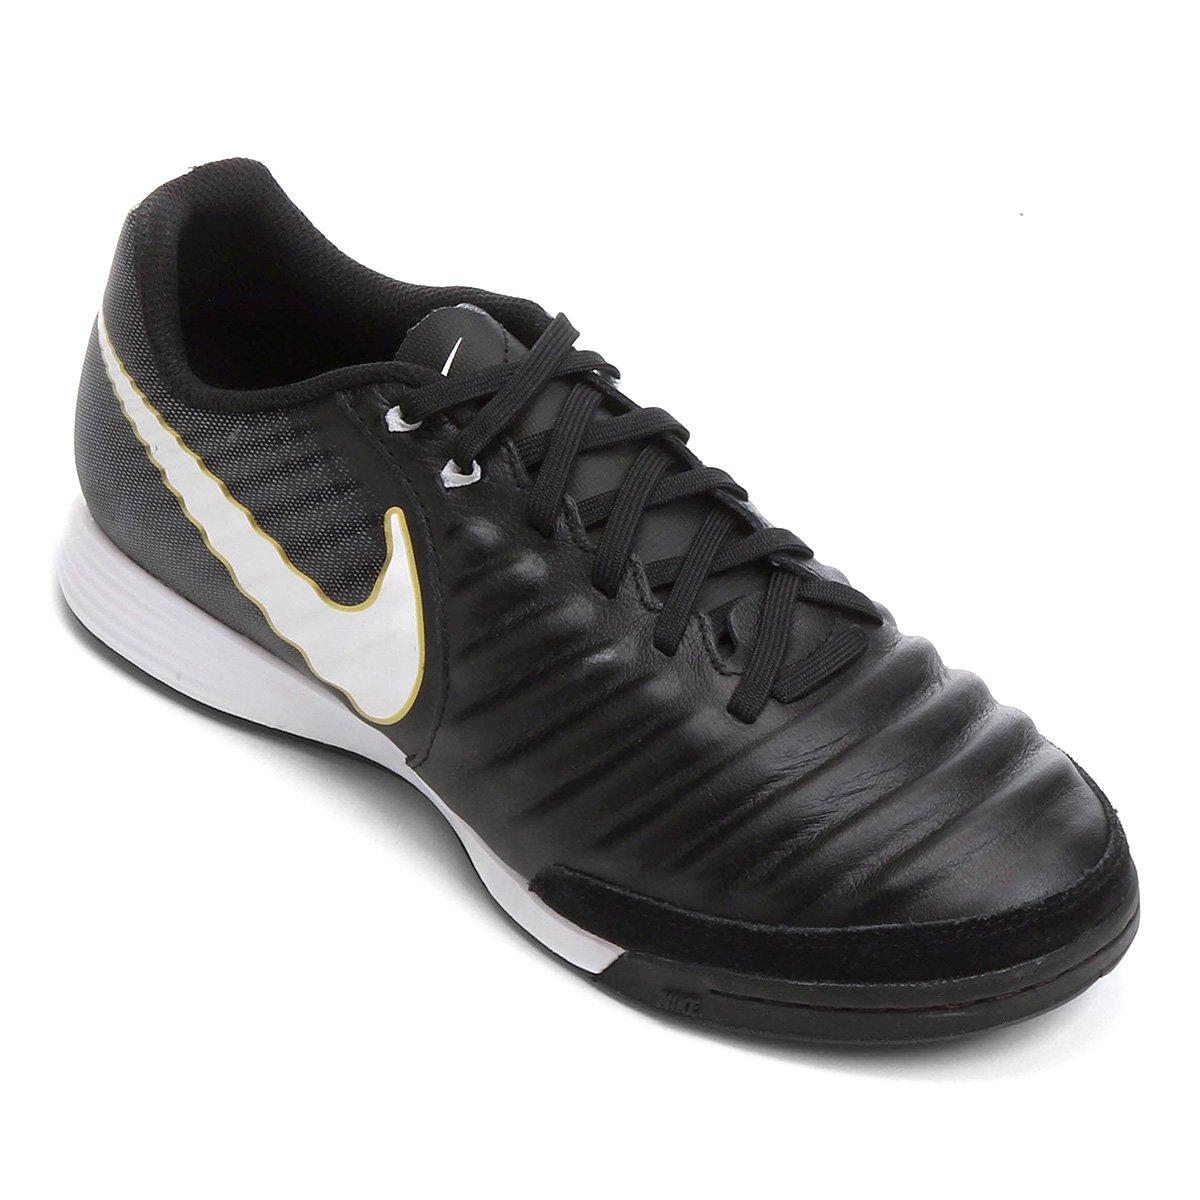 7ea7a08011 Chuteira Futsal Nike Tiempo Ligera 4 IC - Compre Agora